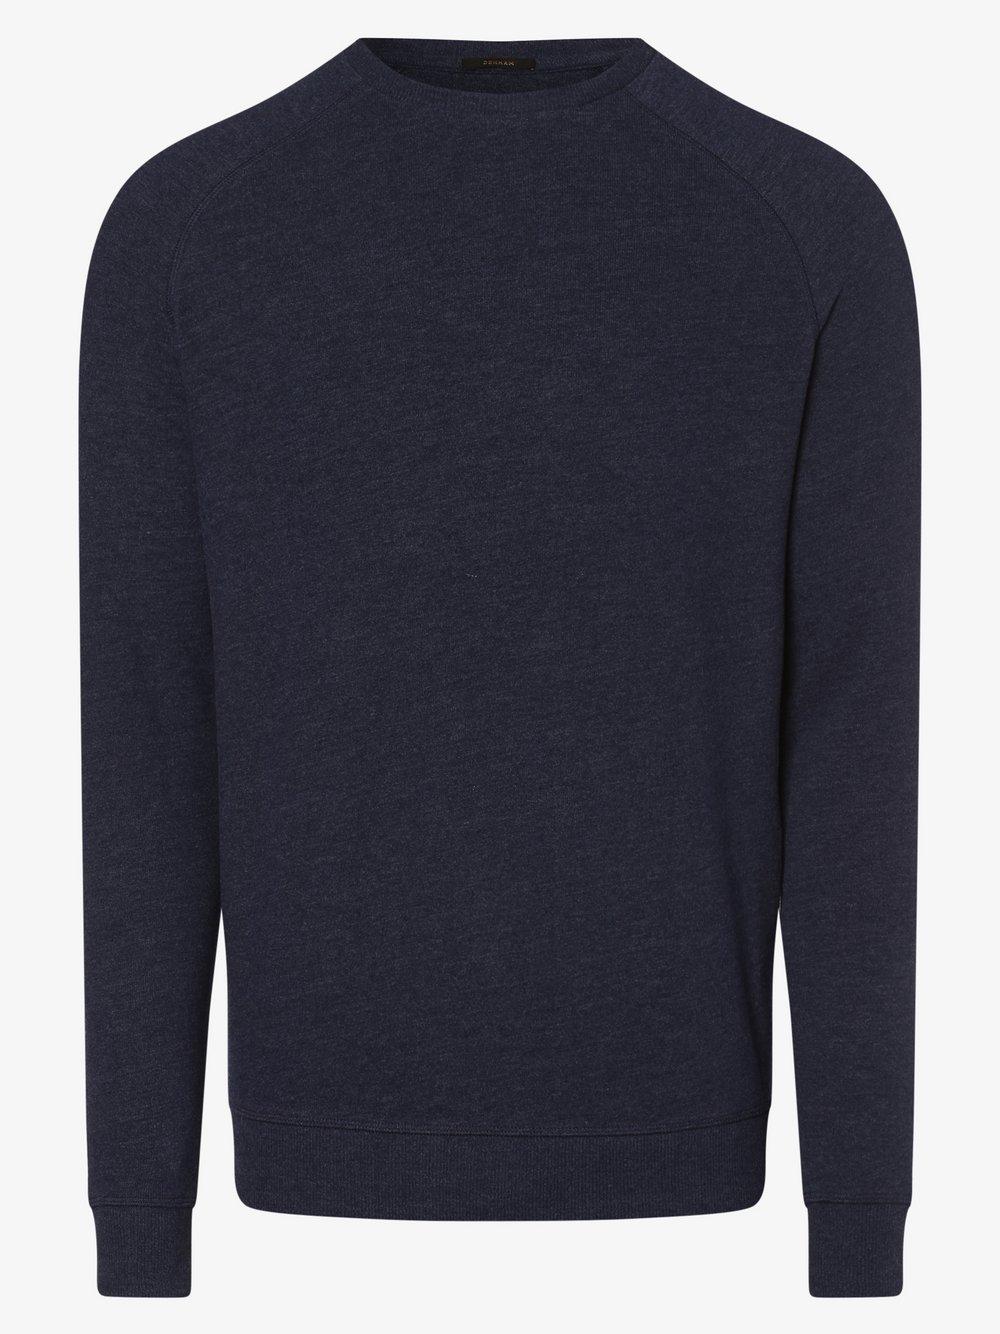 DENHAM – Sweter męski, zielony Van Graaf 494897-0001-09940